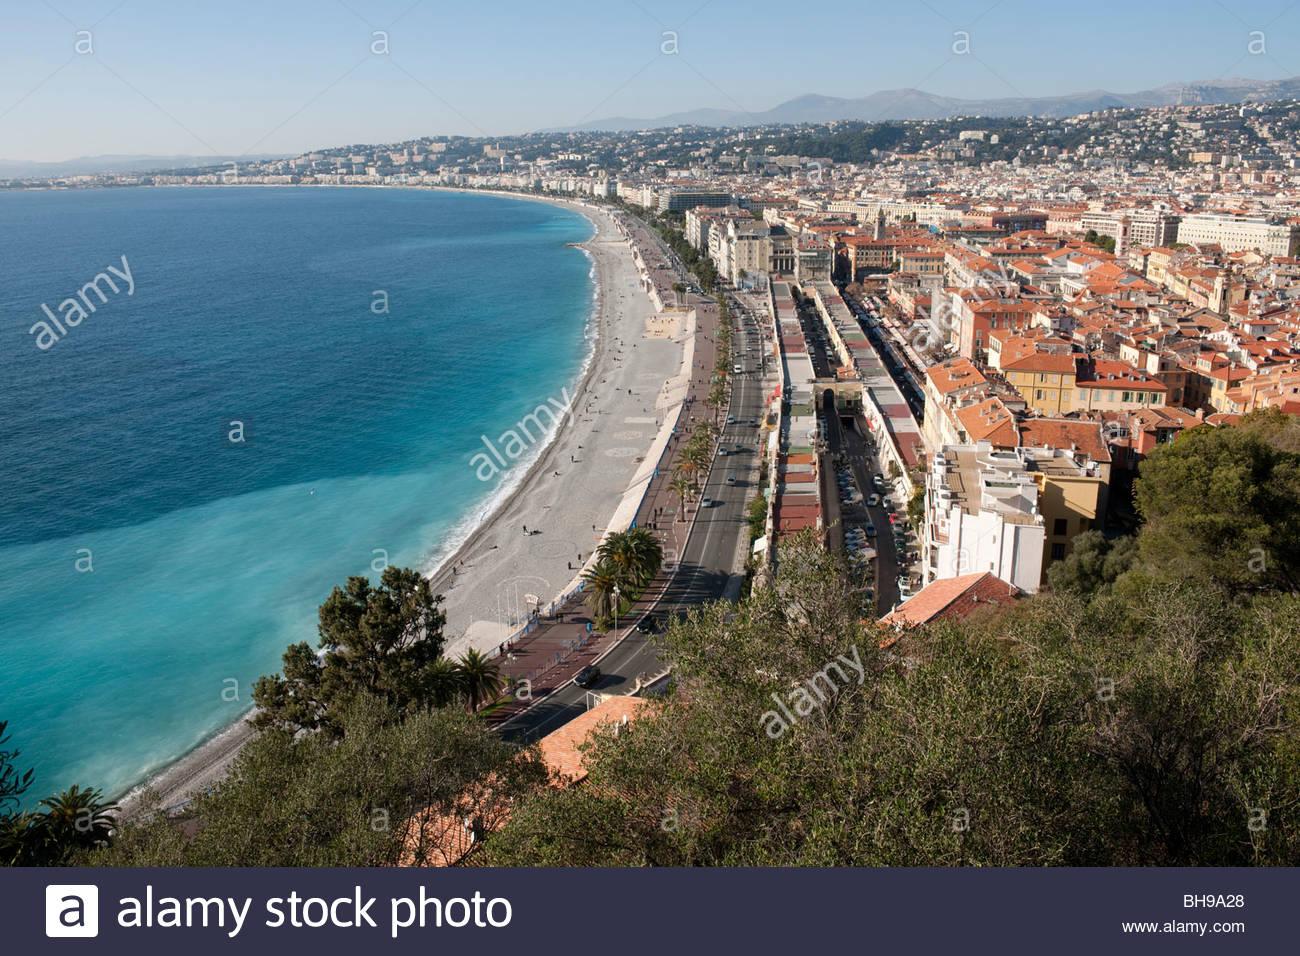 Promenade des Anglais, Le Marché aux Fleurs, Baie des Anges et la ville de Nice à partir du parc de Colline Photo Stock